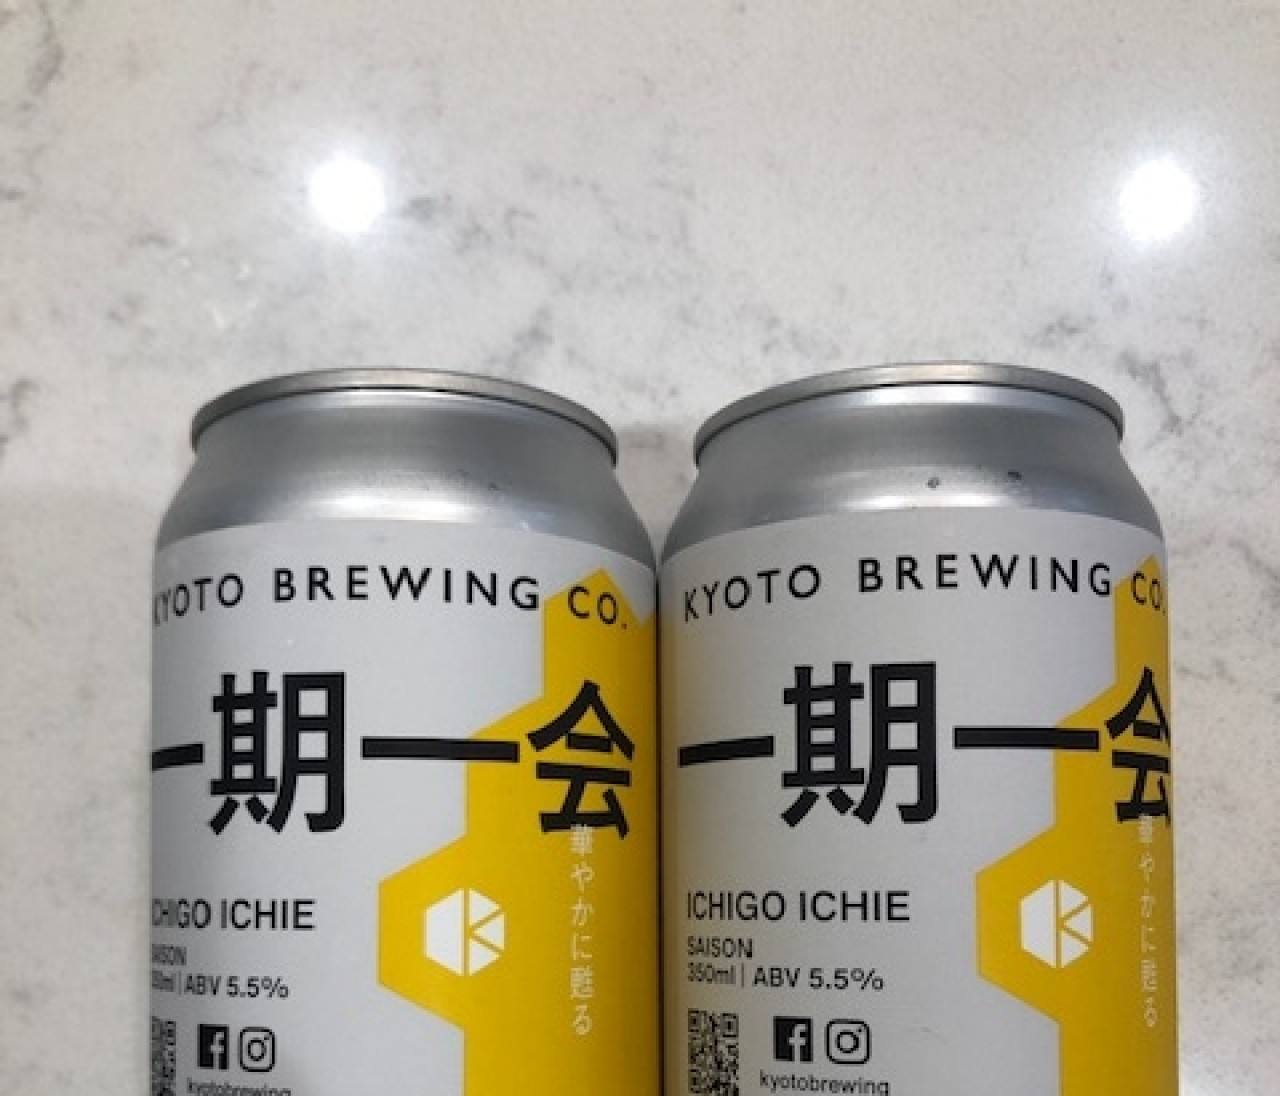 蒸し暑い夏にぴったりな京都発クラフトビール「一期一会」【30代に幸せをくれるものvol.59】